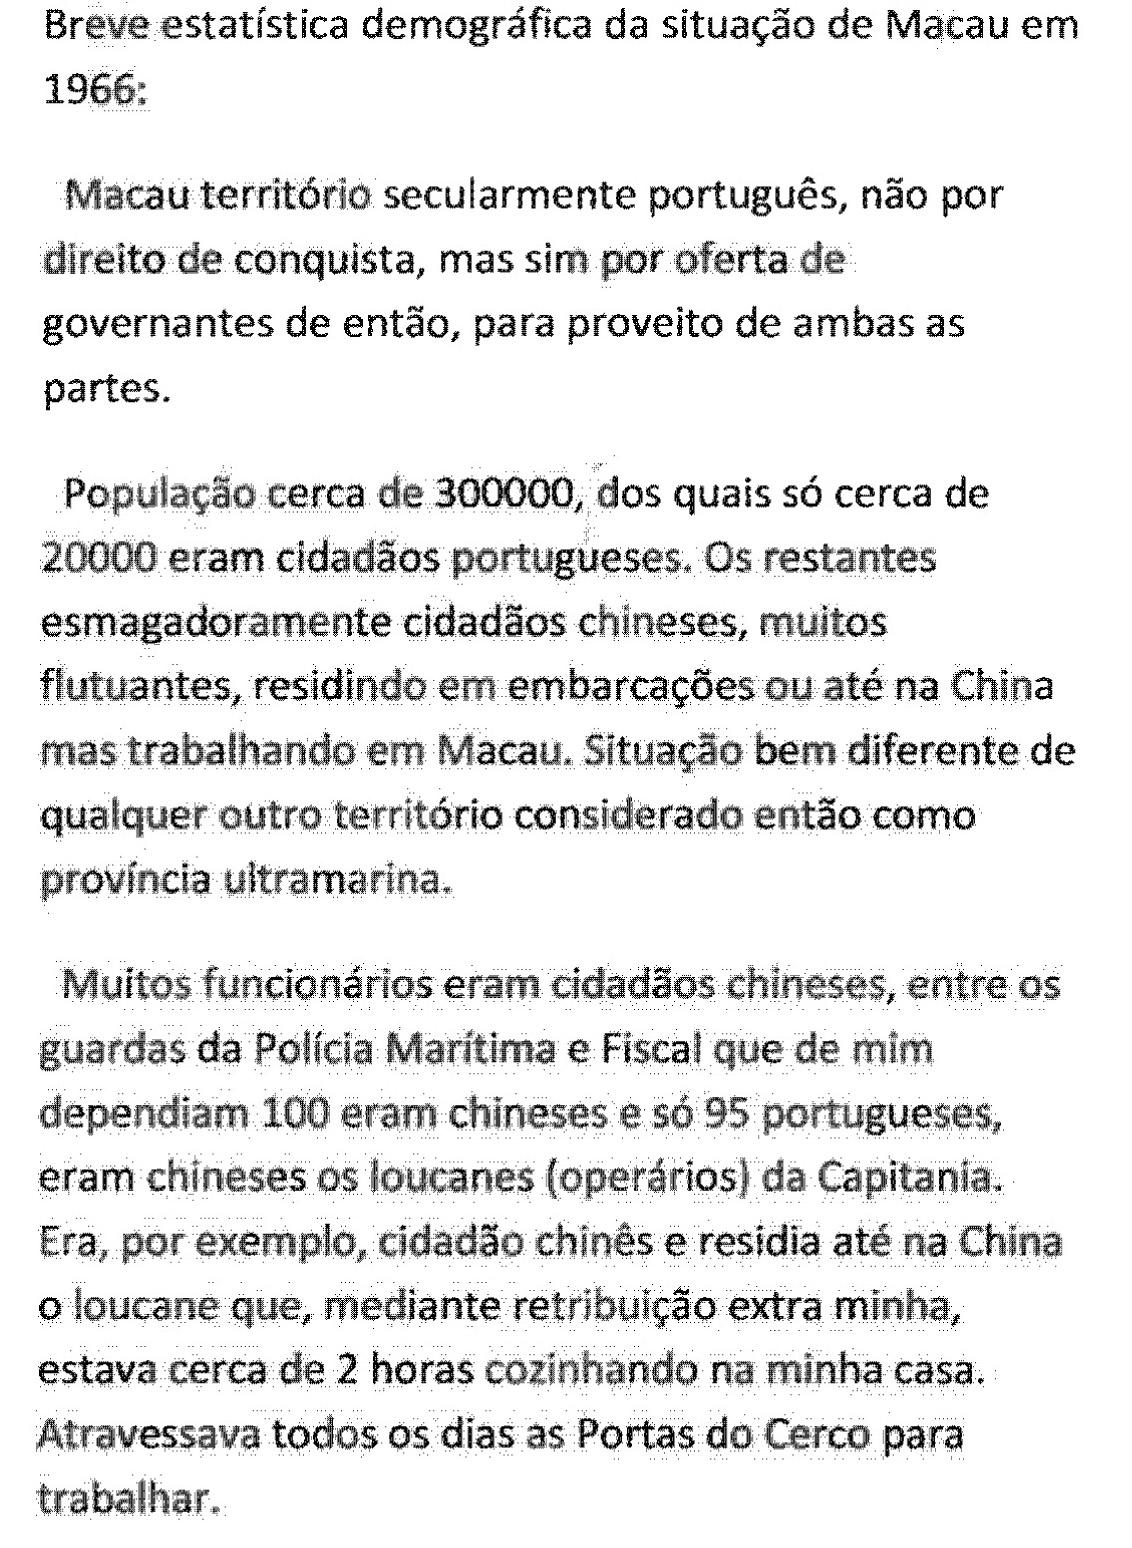 08 Textos do DVD Acontecimentos em Macau 1966-67-1